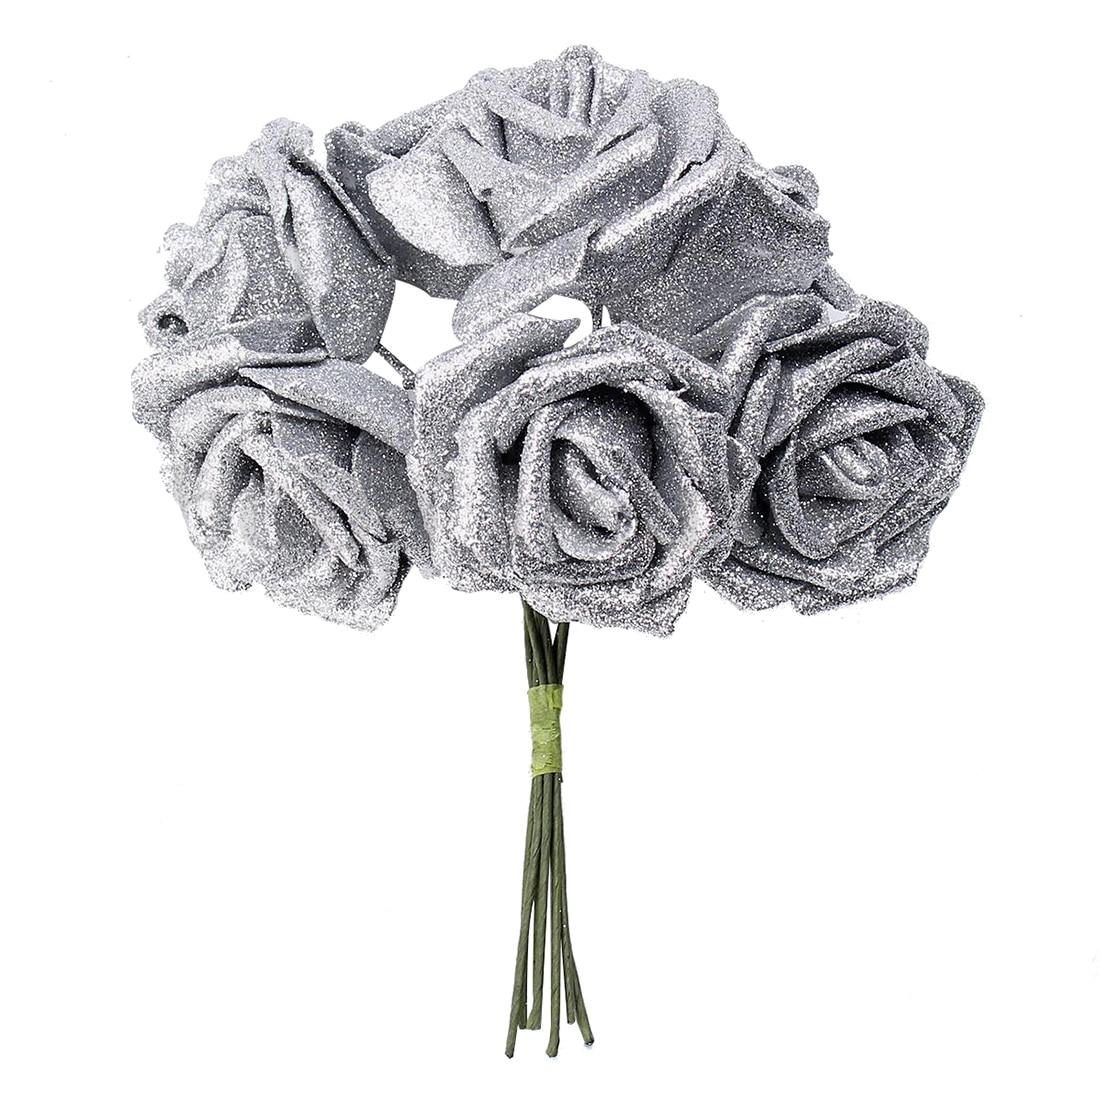 7 Foam Rose Artificial Flower Glitter Bridal Bouquet Home Wedding